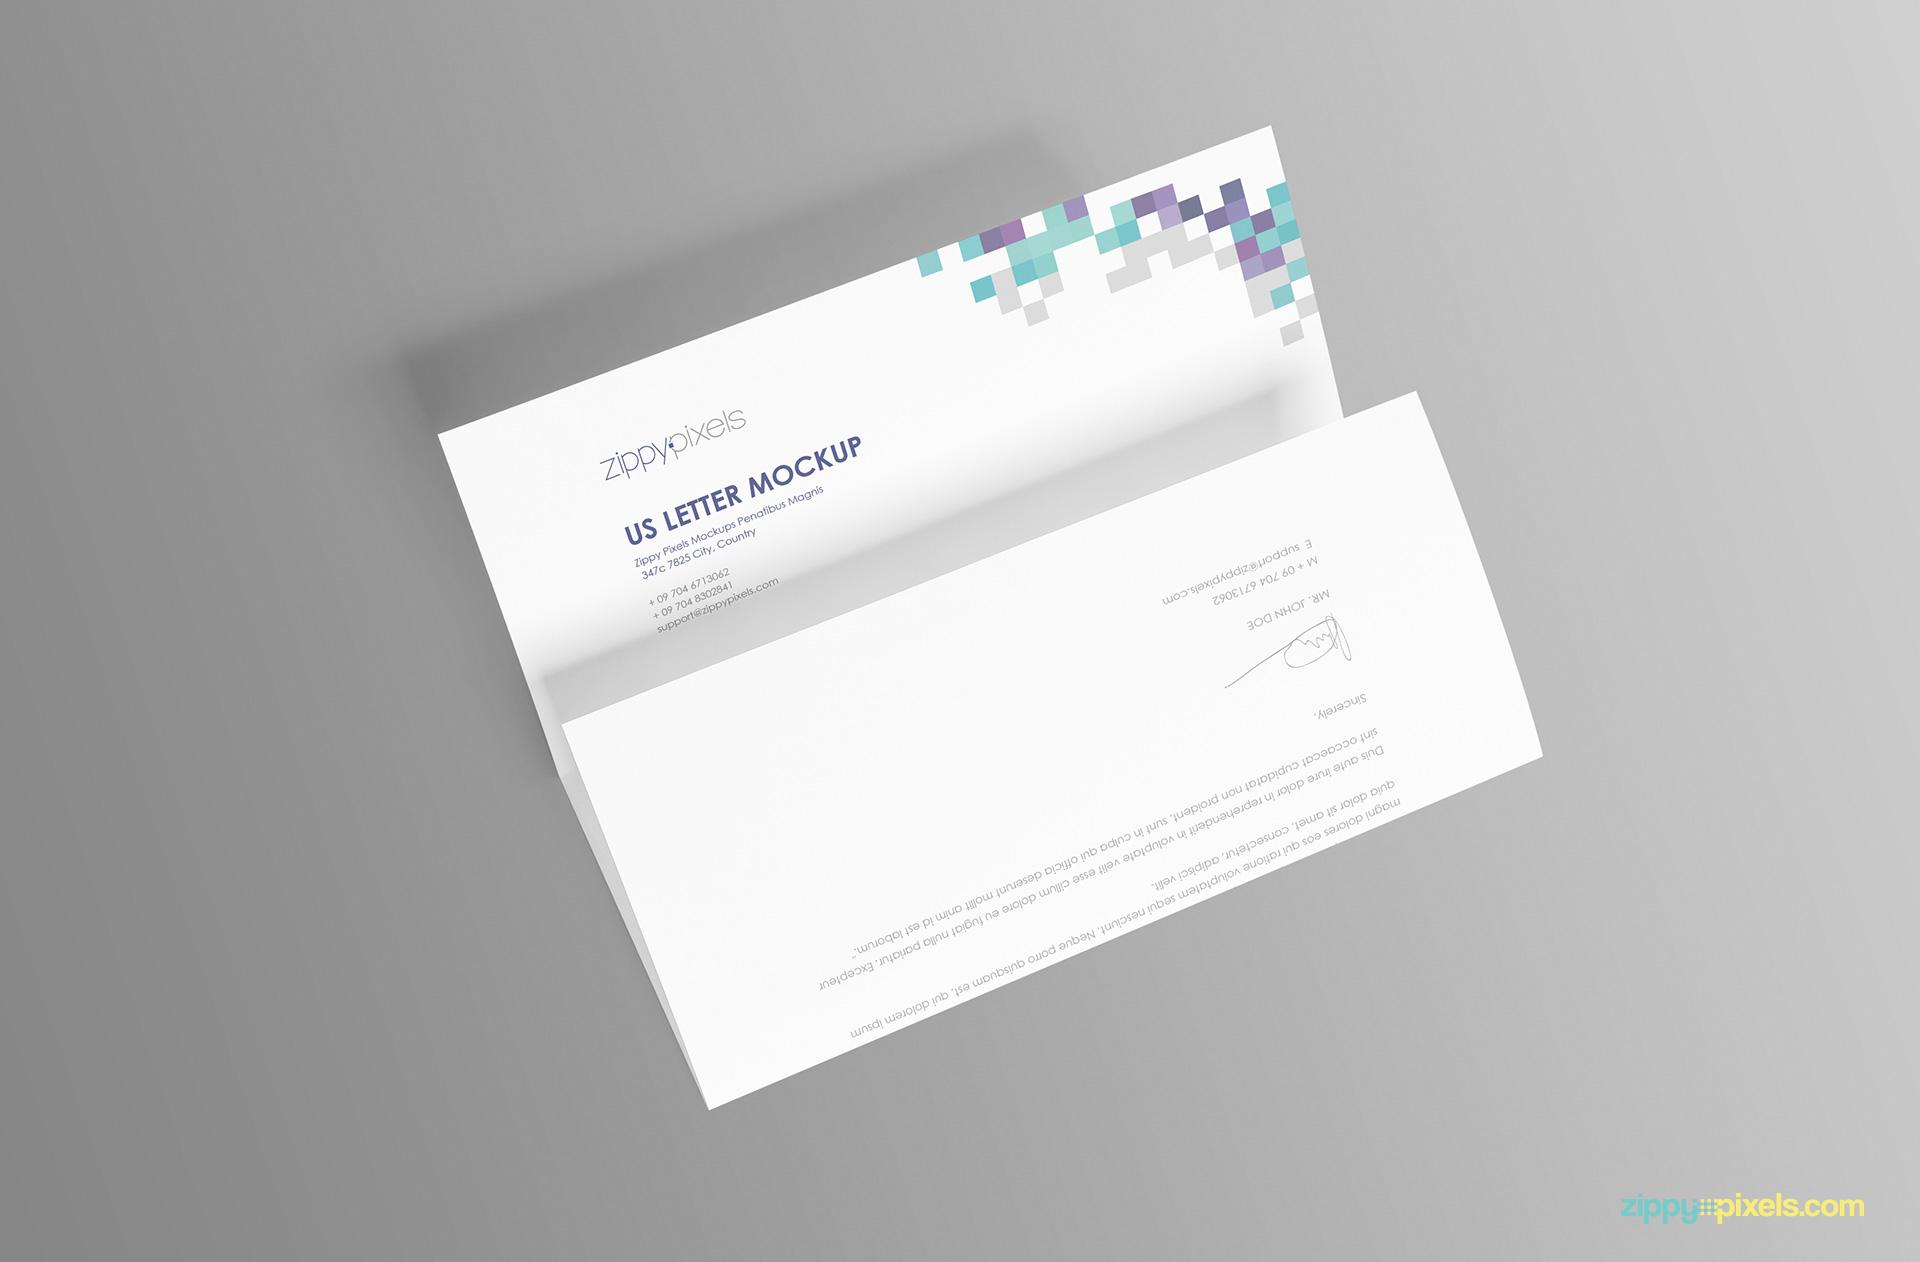 us-letter-paper-mockup-half-folded